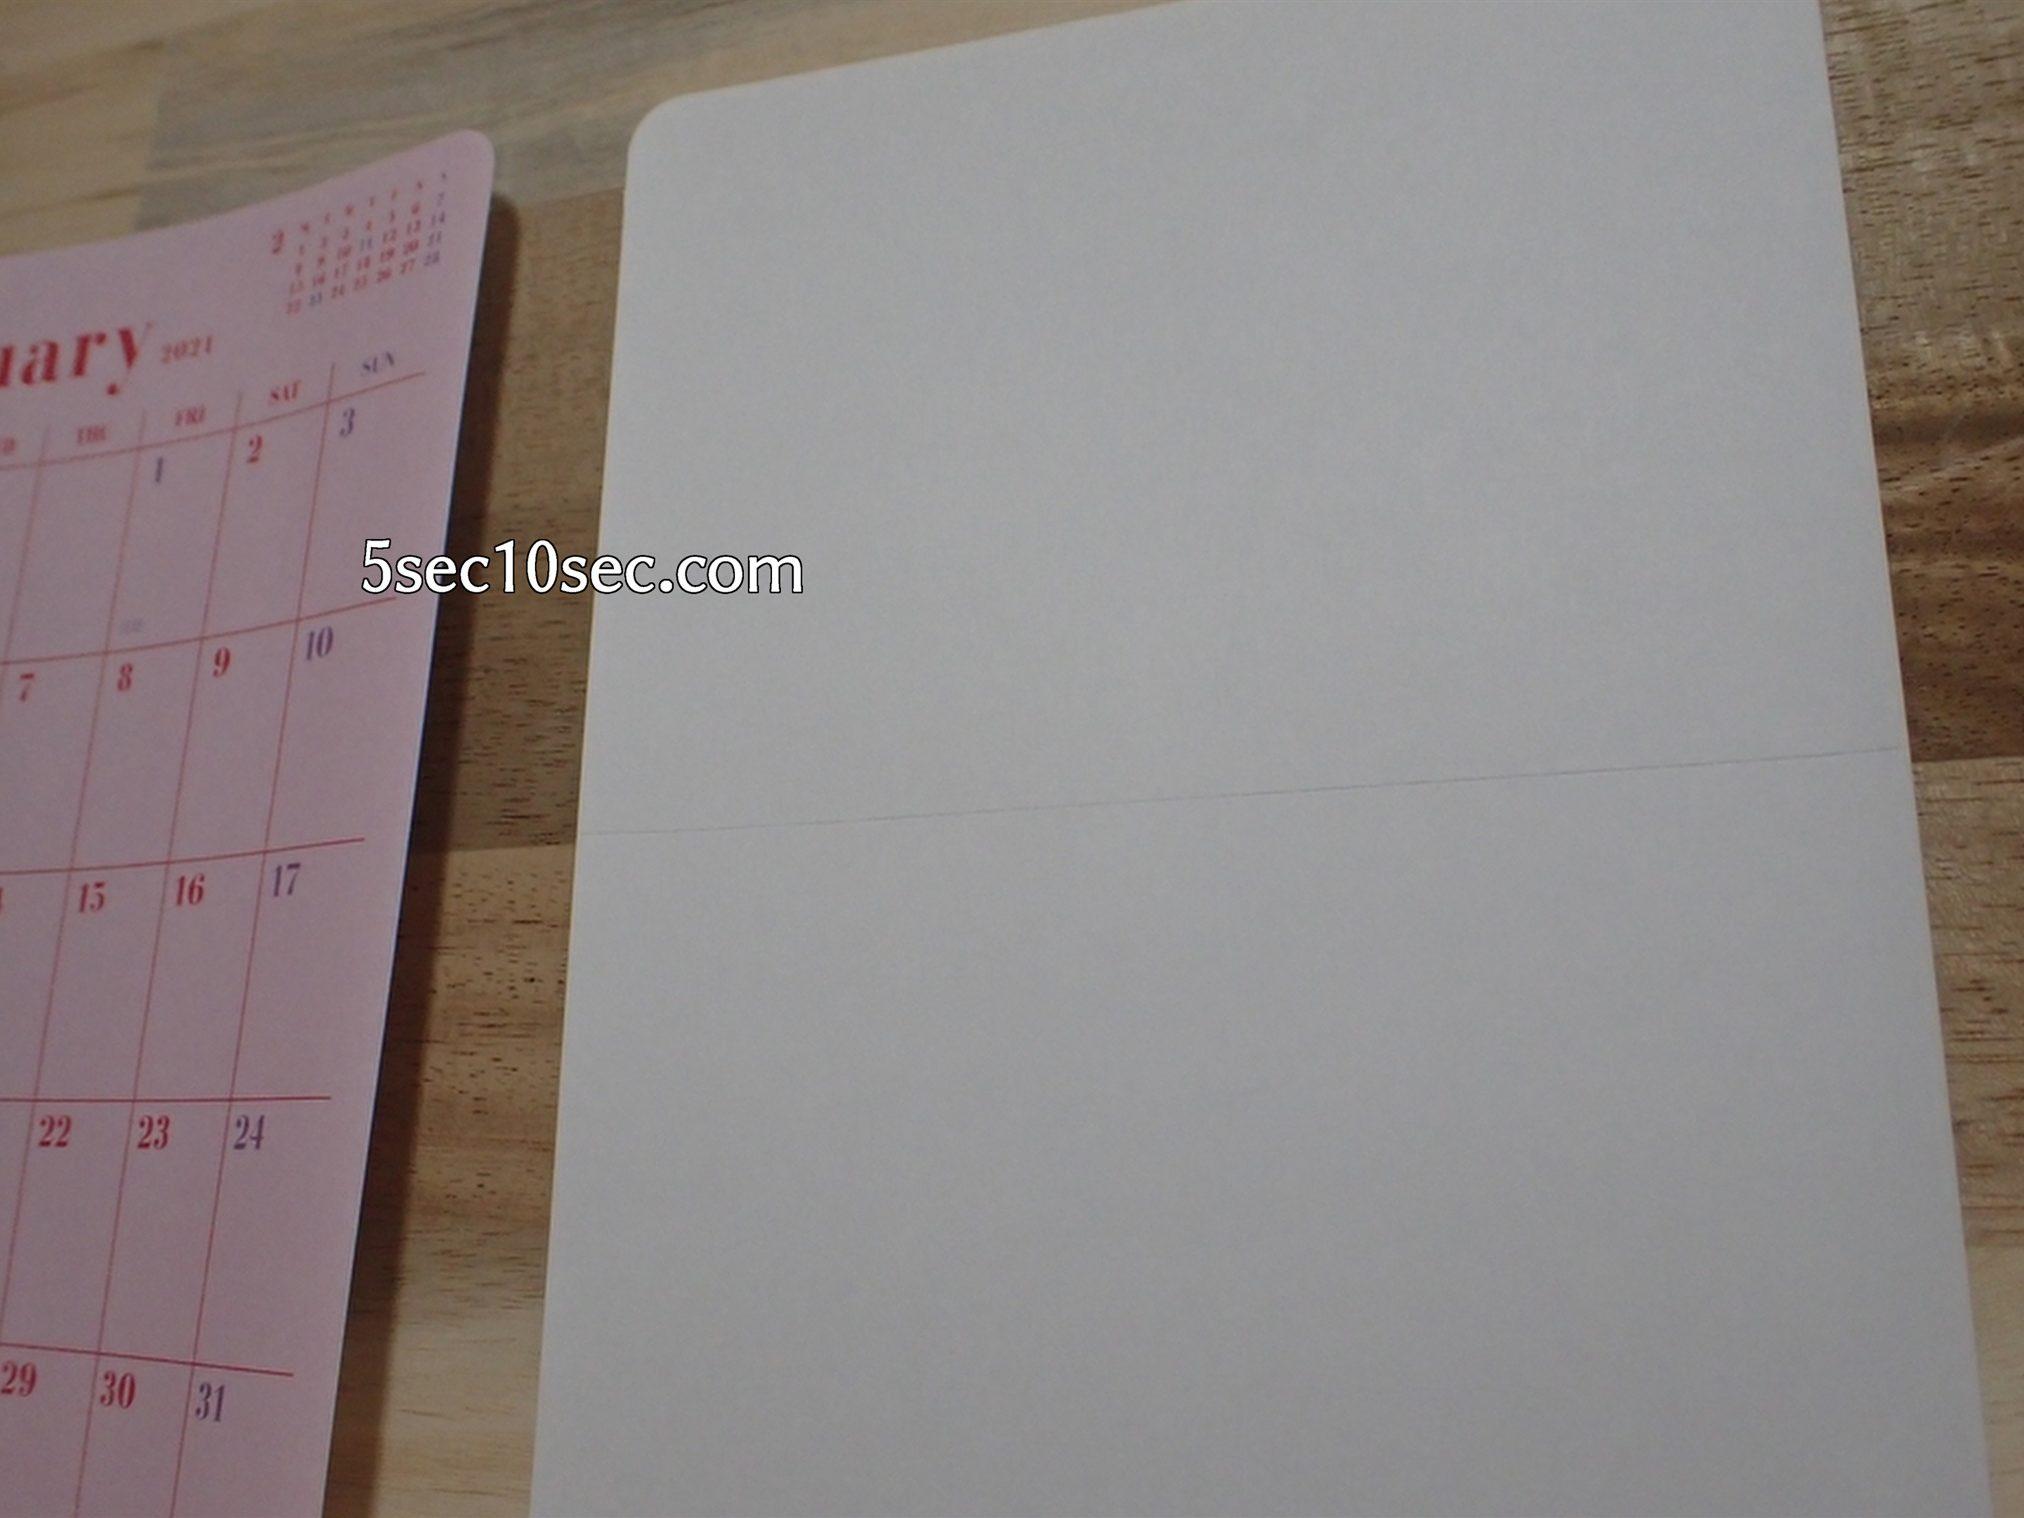 2021年1月始まり 手帳シール 自作手帳 マンスリー手帳 グリーティングライフ Greeting Life カスタムダイアリーステッカーズ マンスリーダイアリーはシこのようにシール台紙になっていて剥がしてノートなどに貼ります